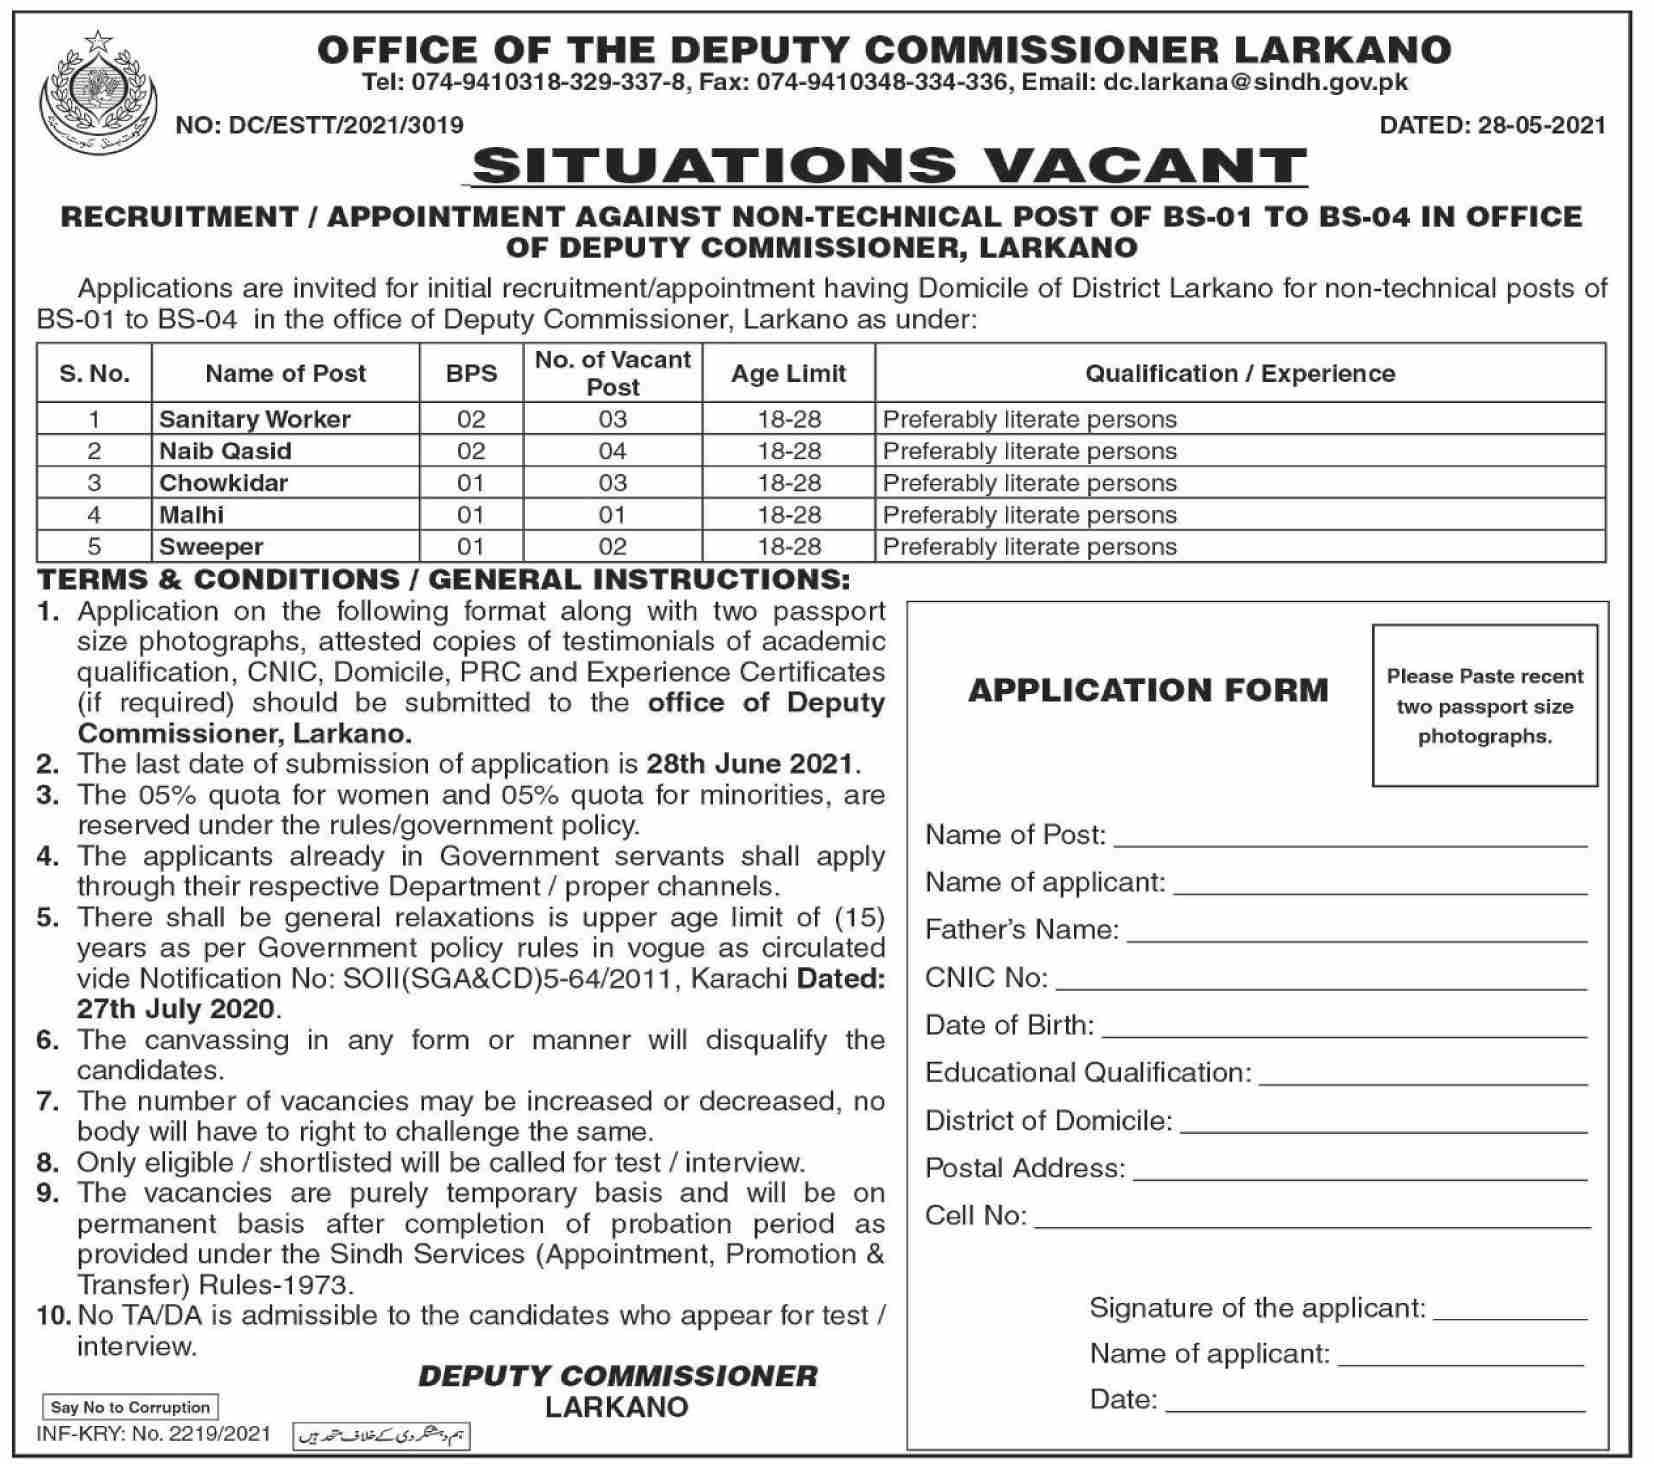 DCO Office Deputy Commissioner Office Larkana Jobs 2021 in Pakistan